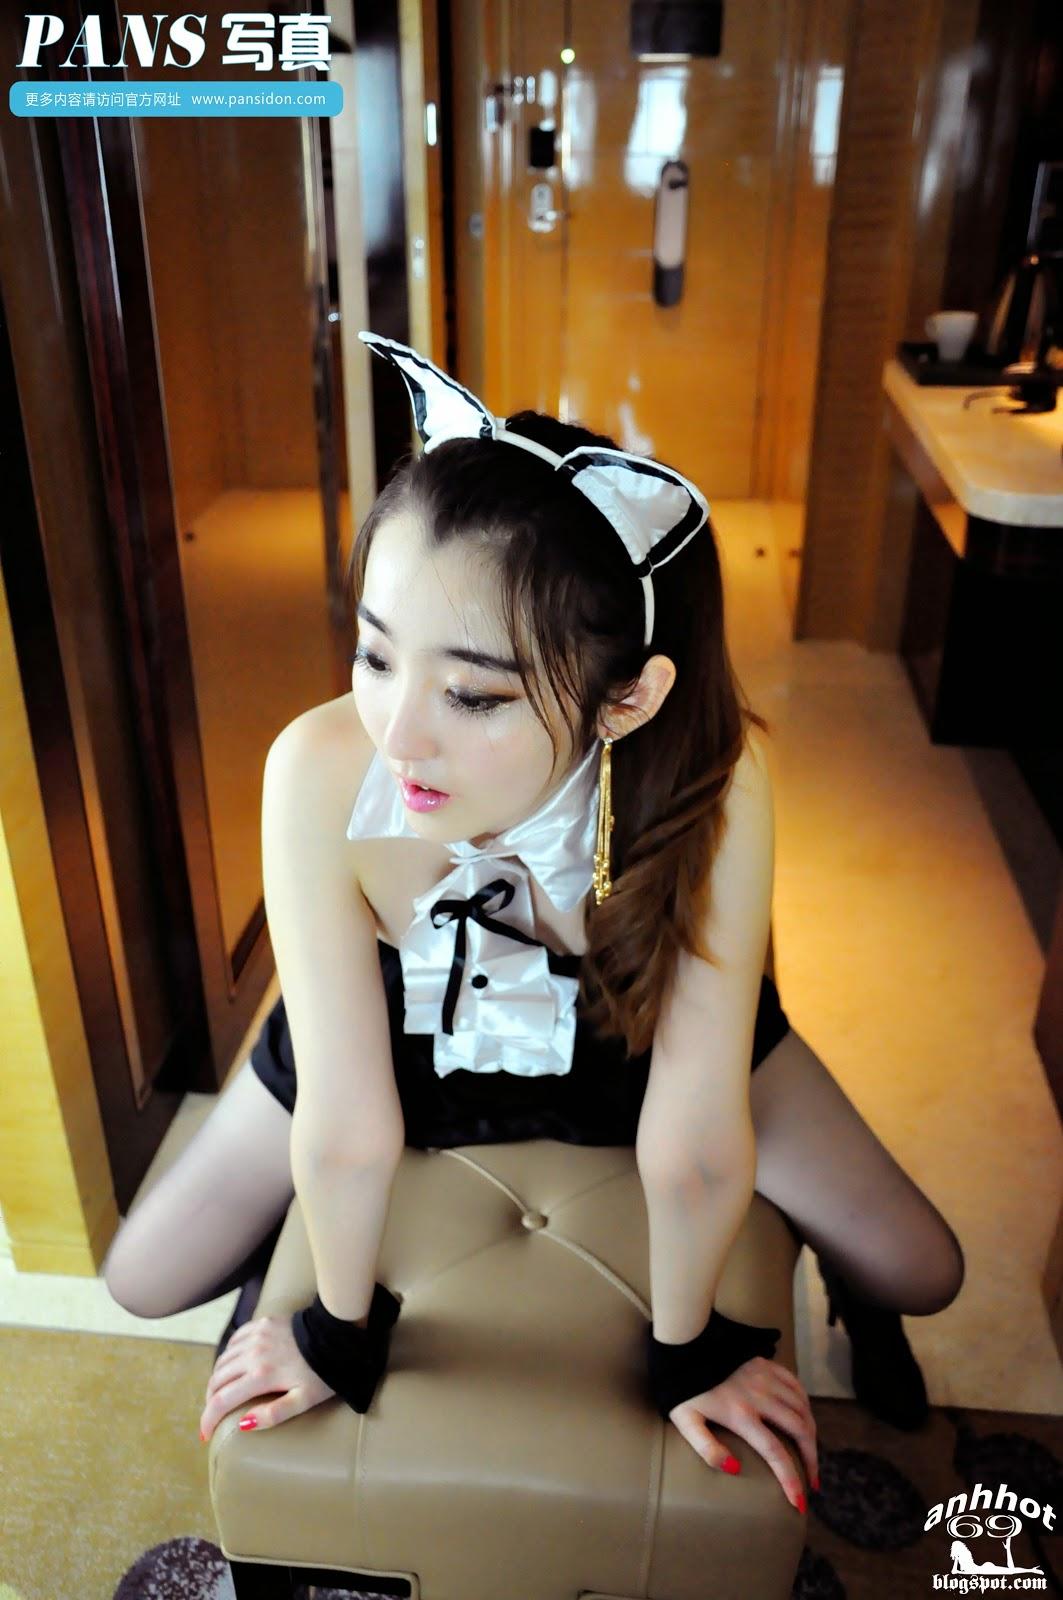 zi_xuan-pansidon-02547778